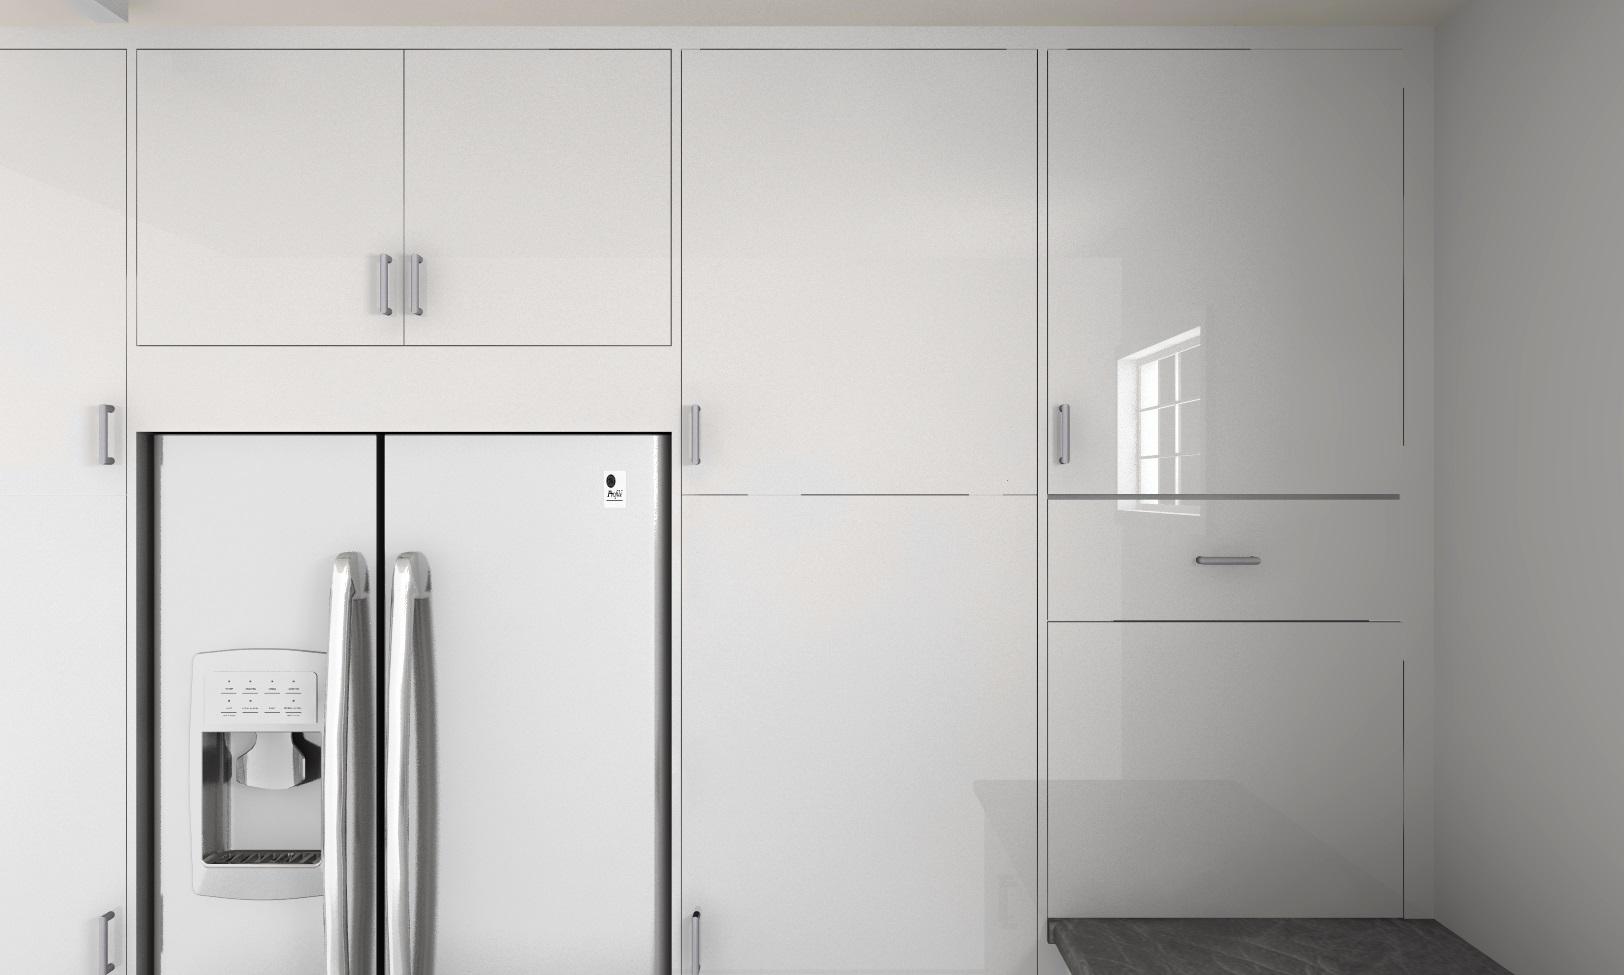 IKEA Hack Build Your Own Kitchen Appliance Garage